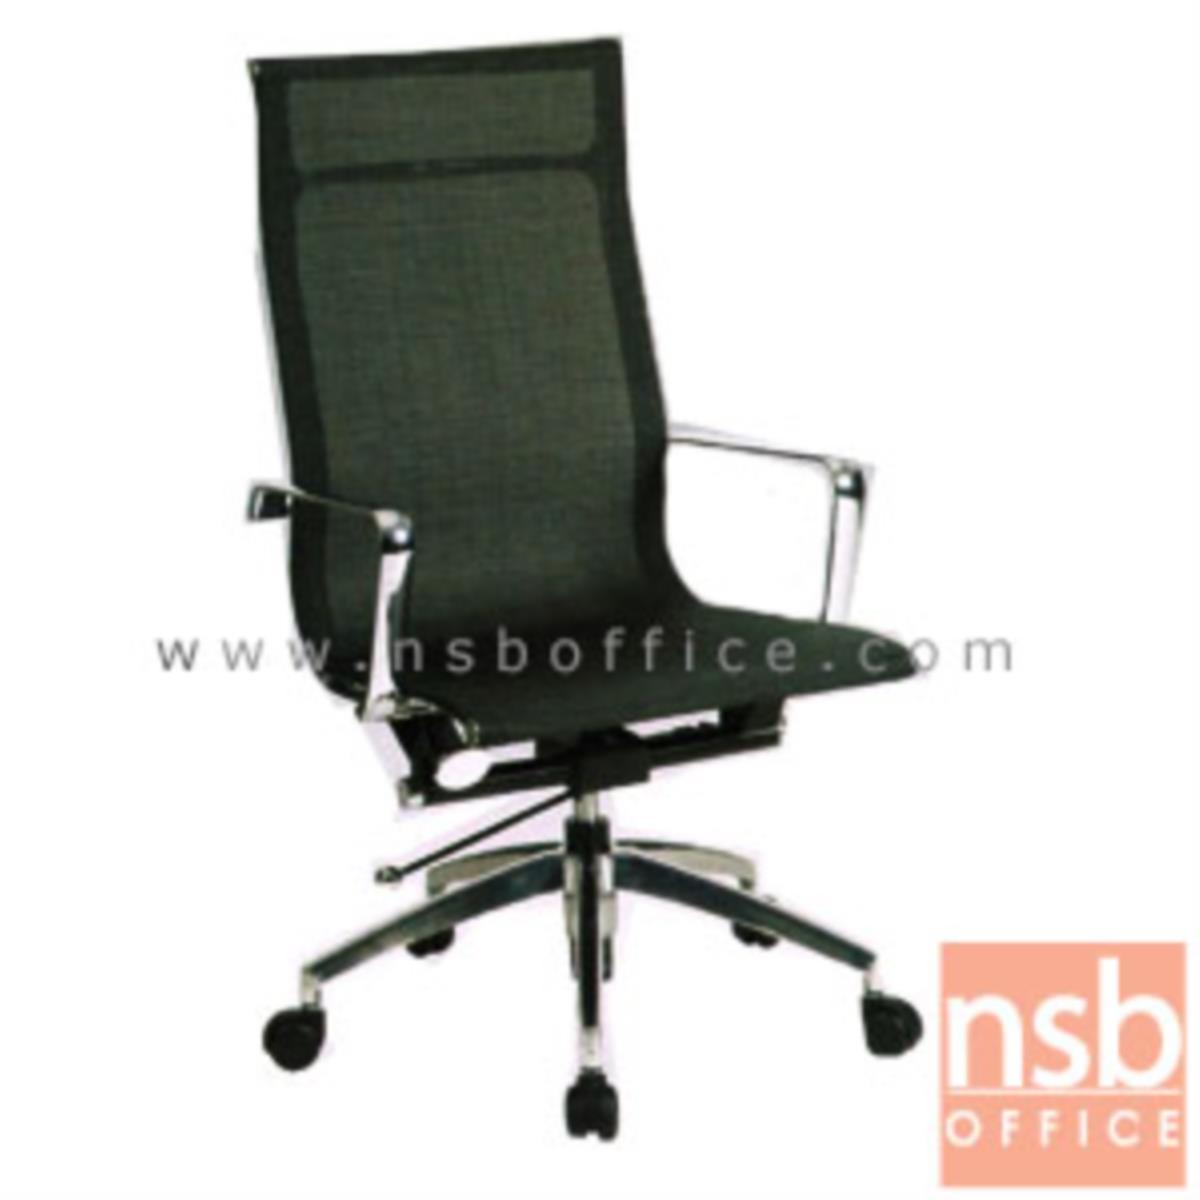 B24A142 :เก้าอี้ผู้บริหารหลังเน็ต  รุ่น JR-465C   โช๊คแก๊ส มีก้อนโยก ขาอลูมิเนียม